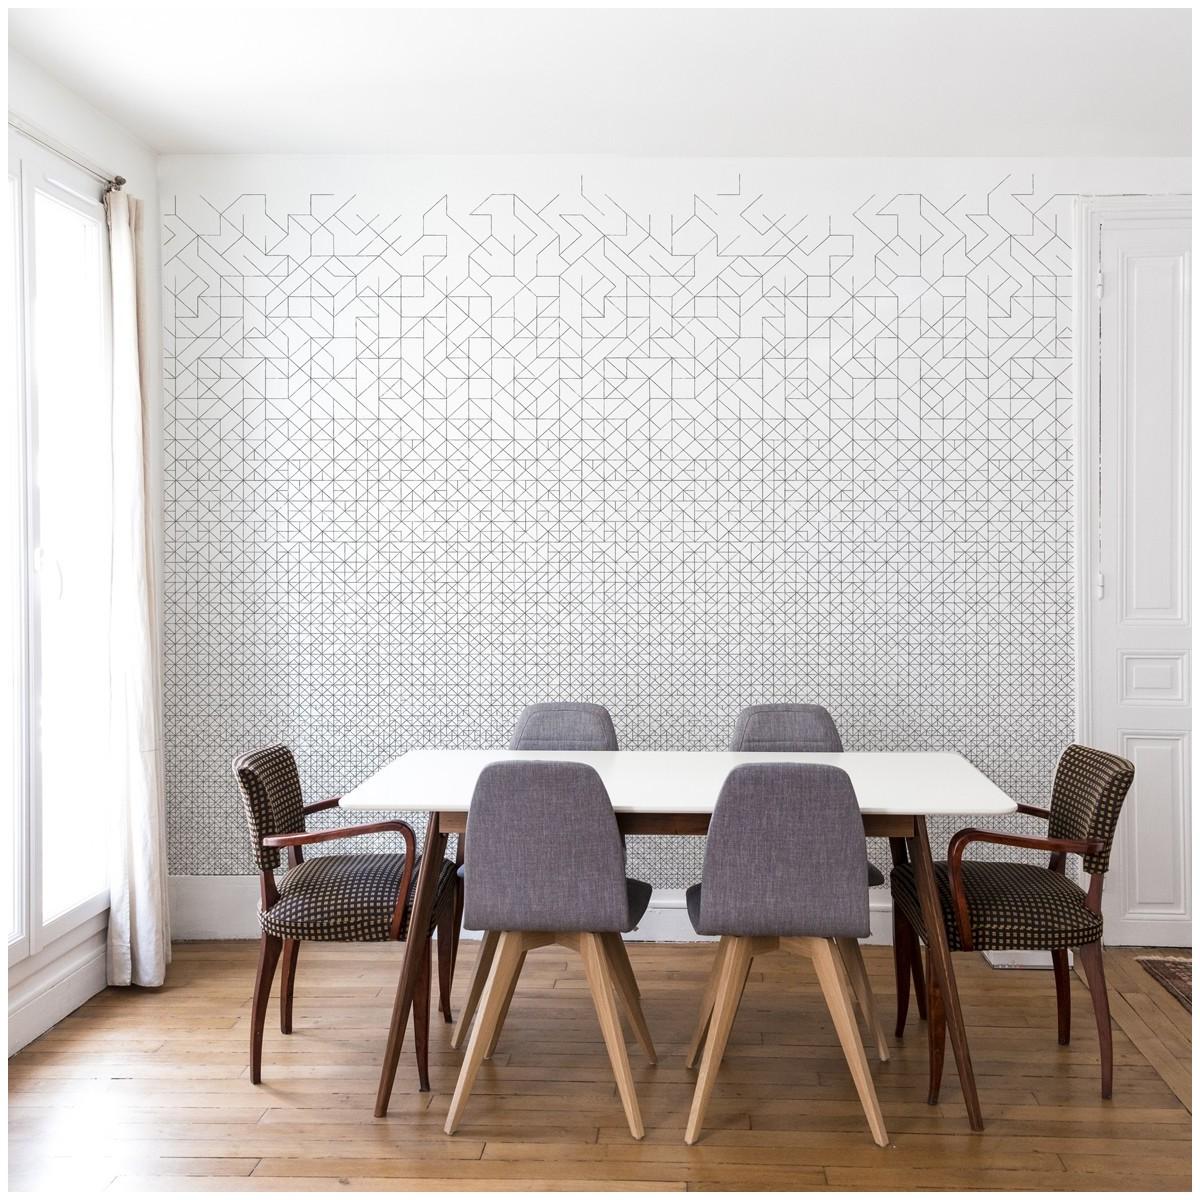 papier peint modular bien fait. Black Bedroom Furniture Sets. Home Design Ideas